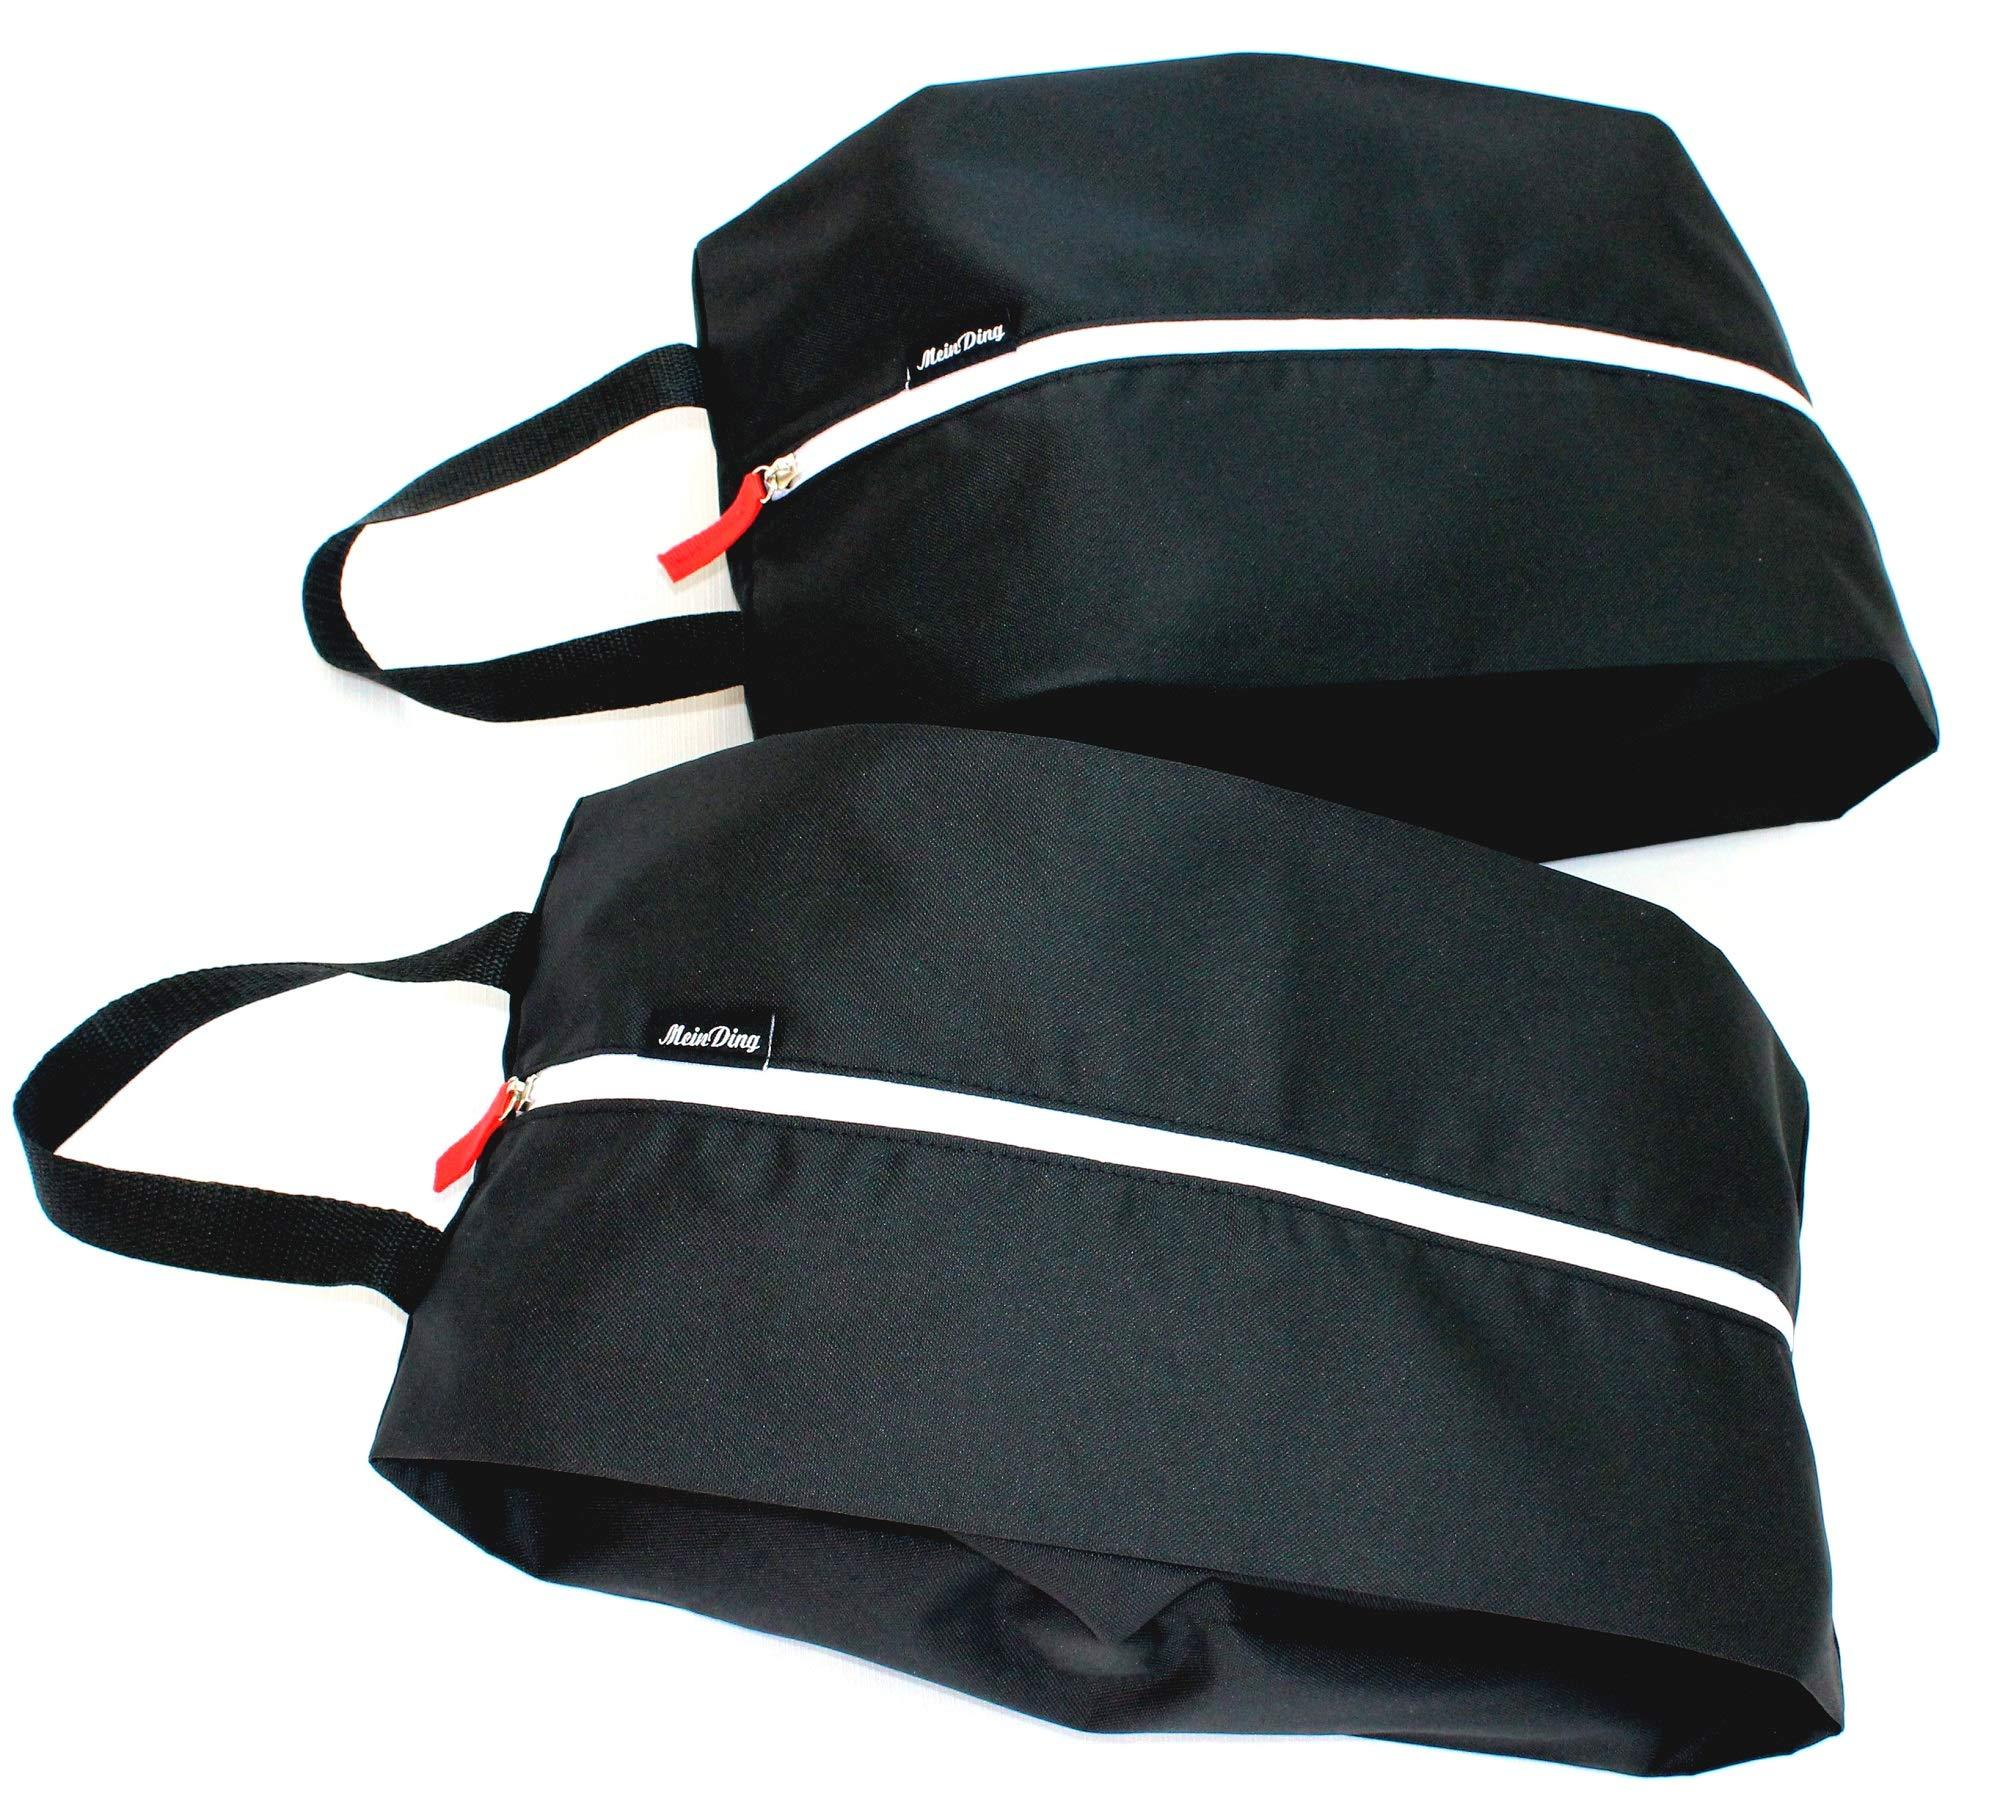 3 Farben Big Size Atmungs Nylon Müll Taschen Hängen Küche Verpackung Einkaufstasche Gute QualitäT Funktionale Taschen